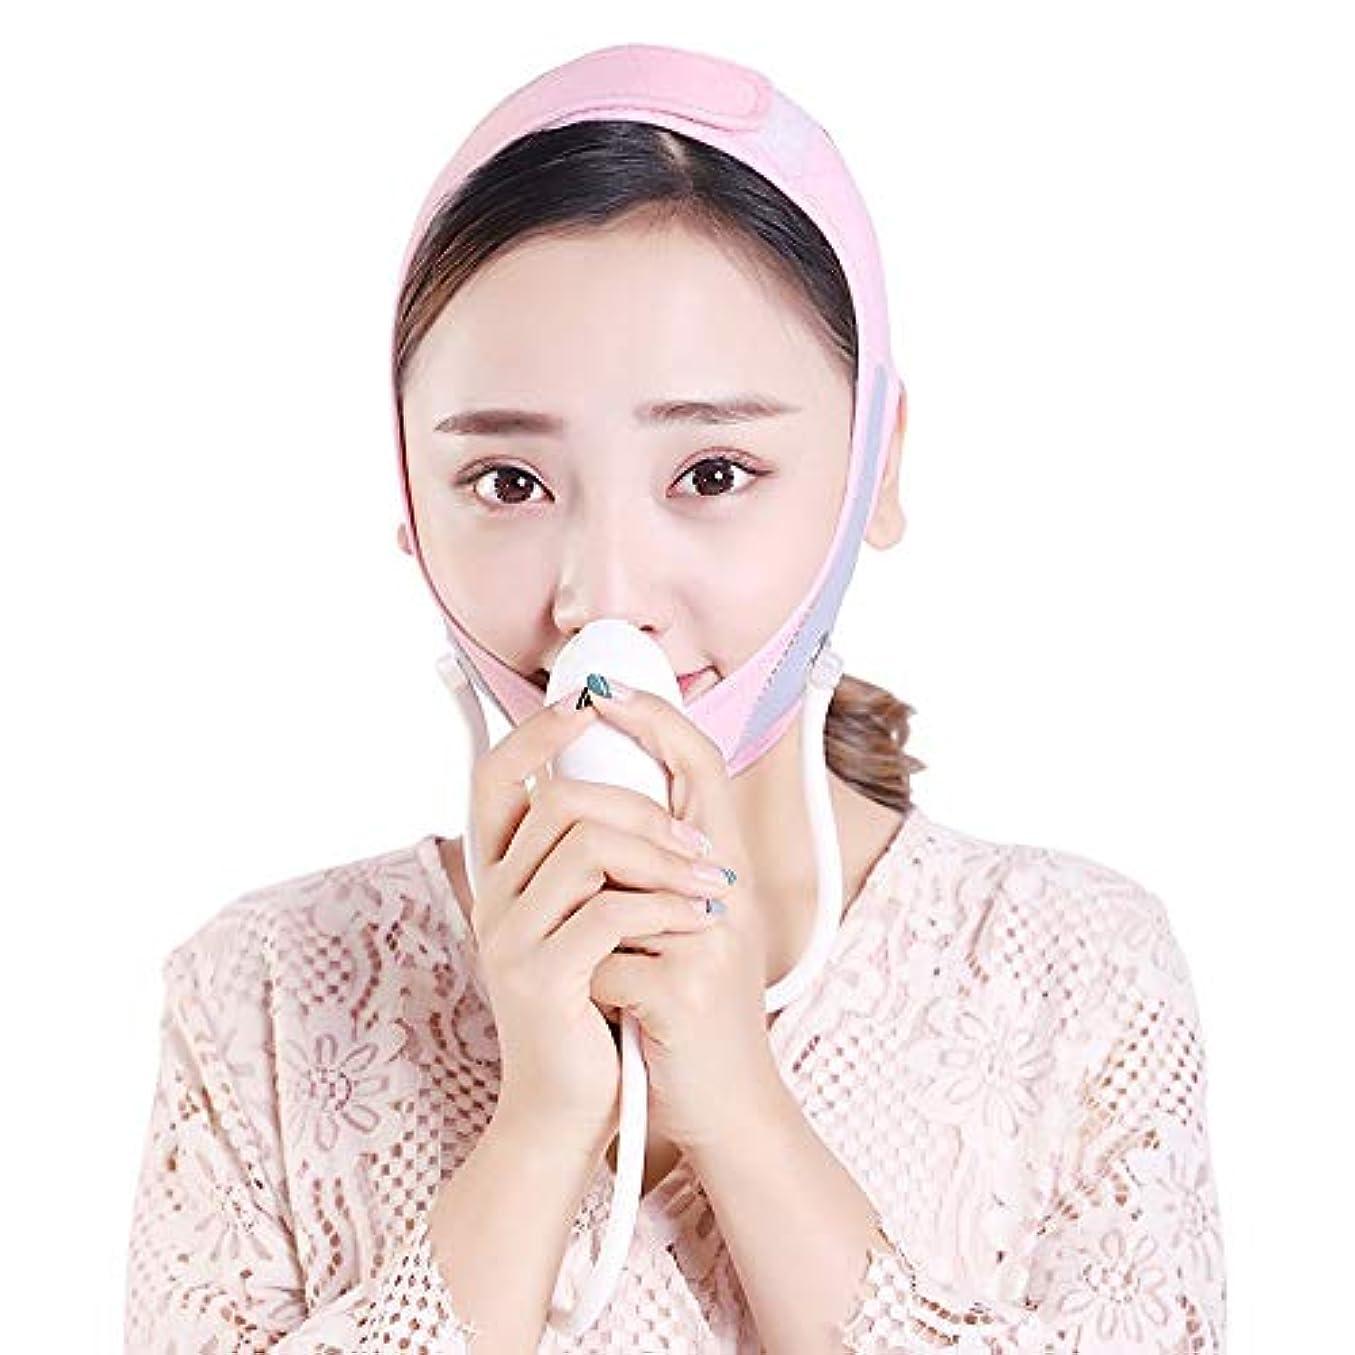 ティーム同行する敷居Jia Jia- インフレータブル調節可能なフェイスリフトアーチファクト包帯をダブルチンリフト引き締めカラスの足one骨のサイズV顔ユニセックス - ピンク 顔面包帯